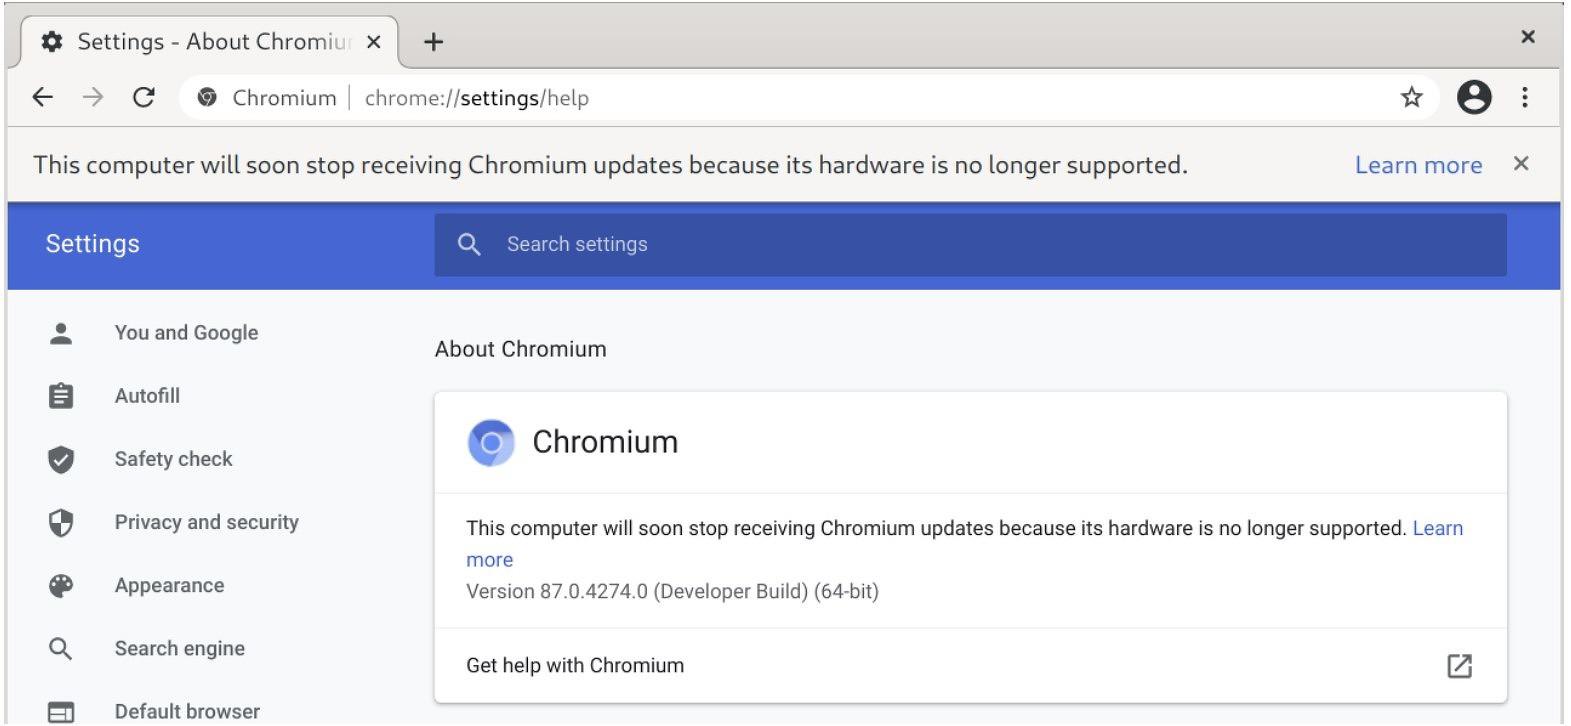 chrom601.jpg